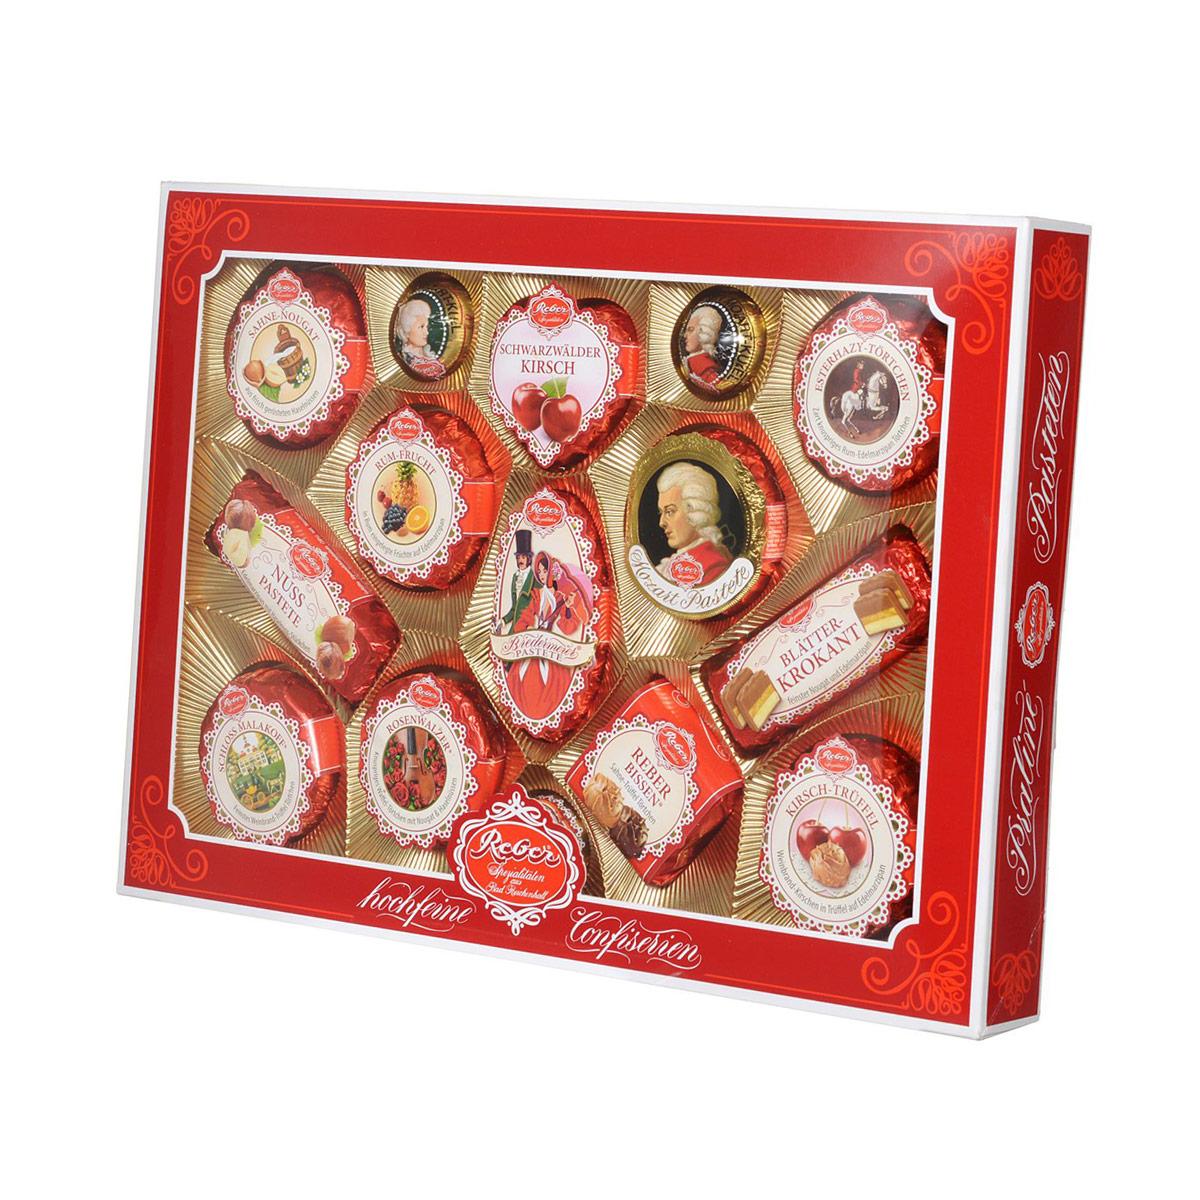 Reber Mozart подарочный набор шоколадных конфет